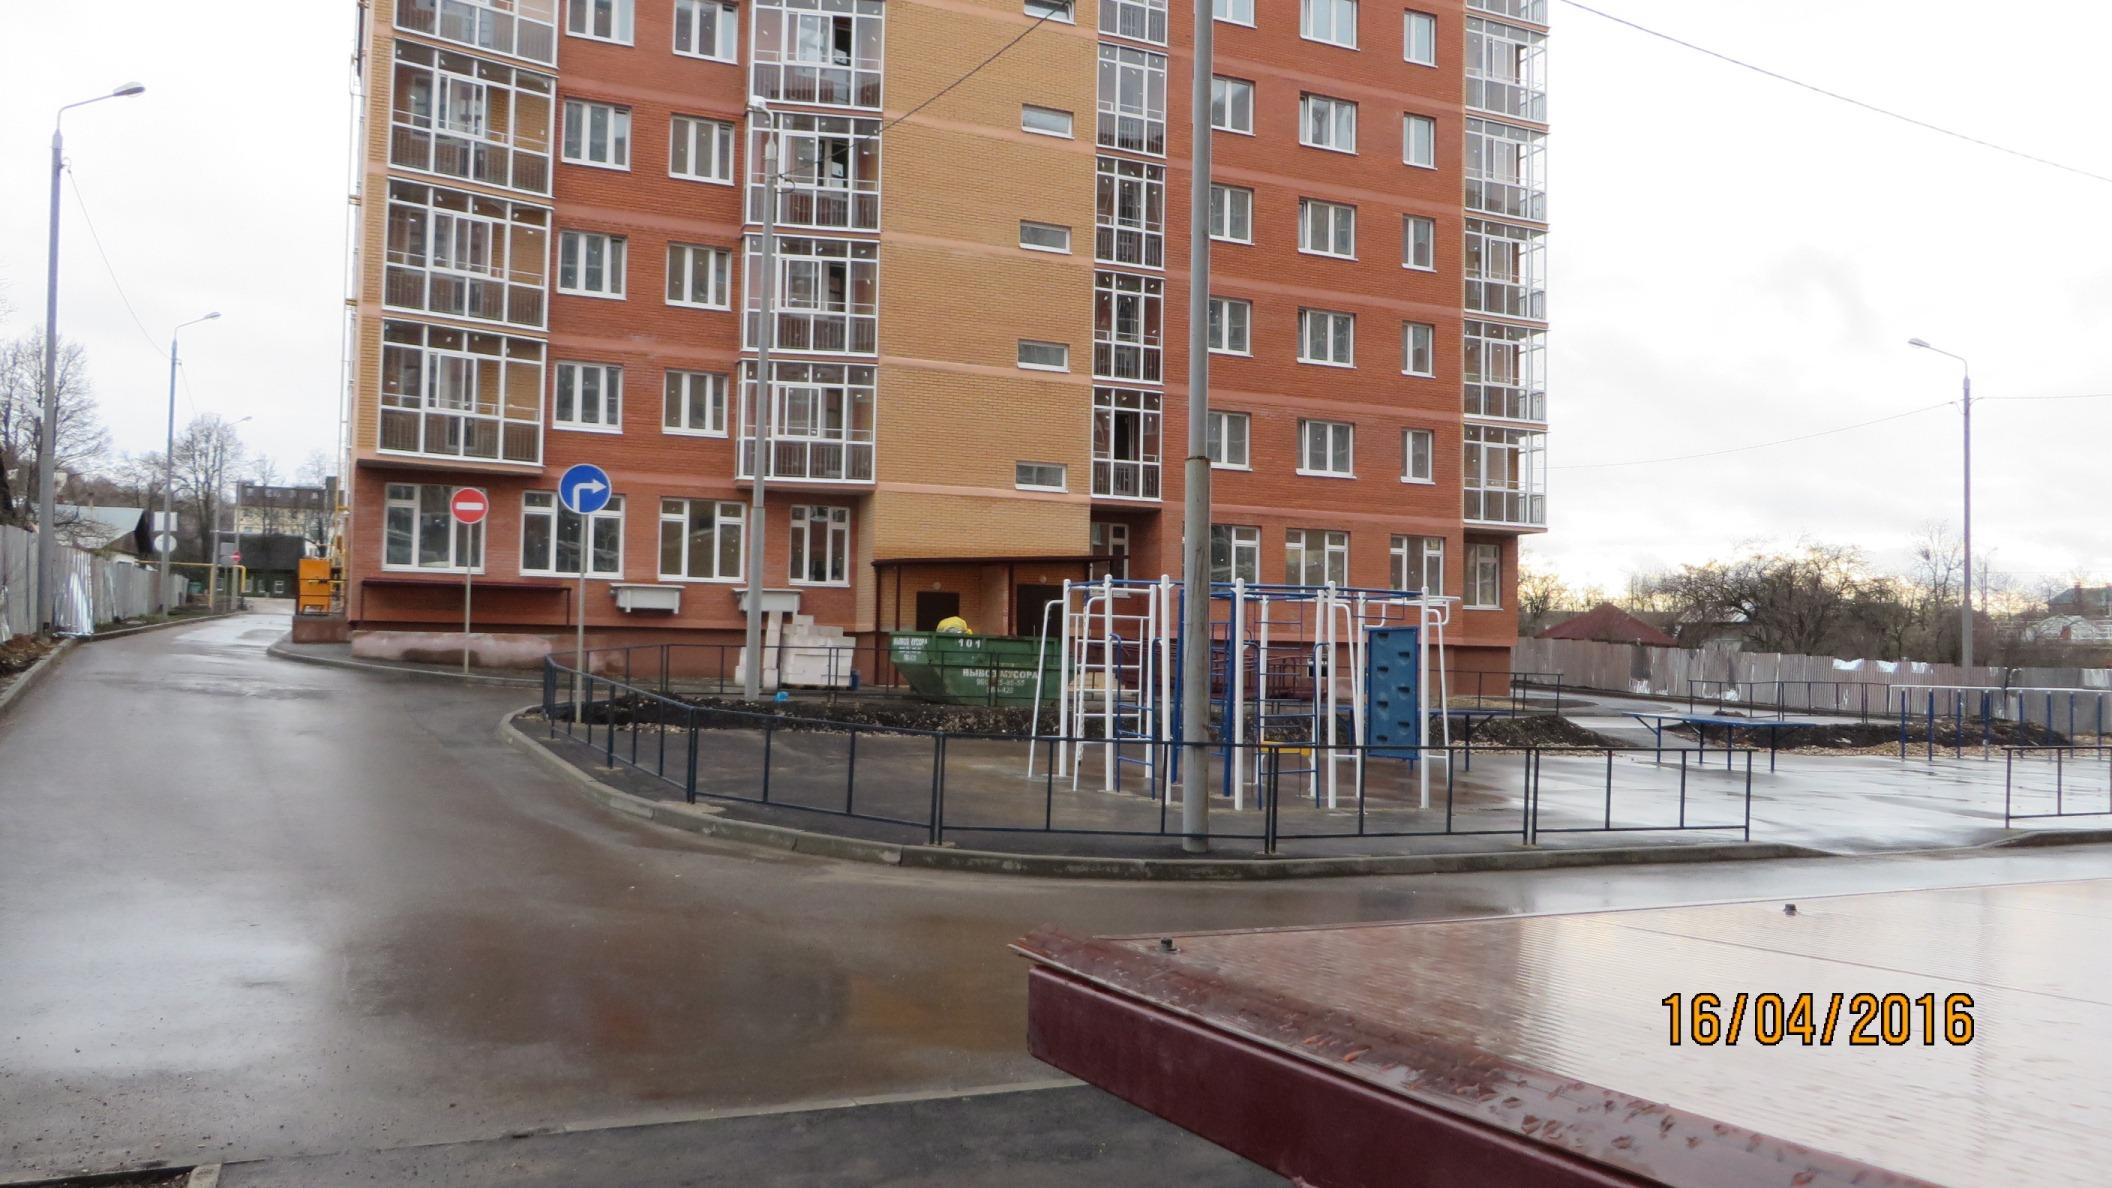 Фотографии домов ЖК Премьера по улице Октябрьская г. Тула. ГК Новый город.